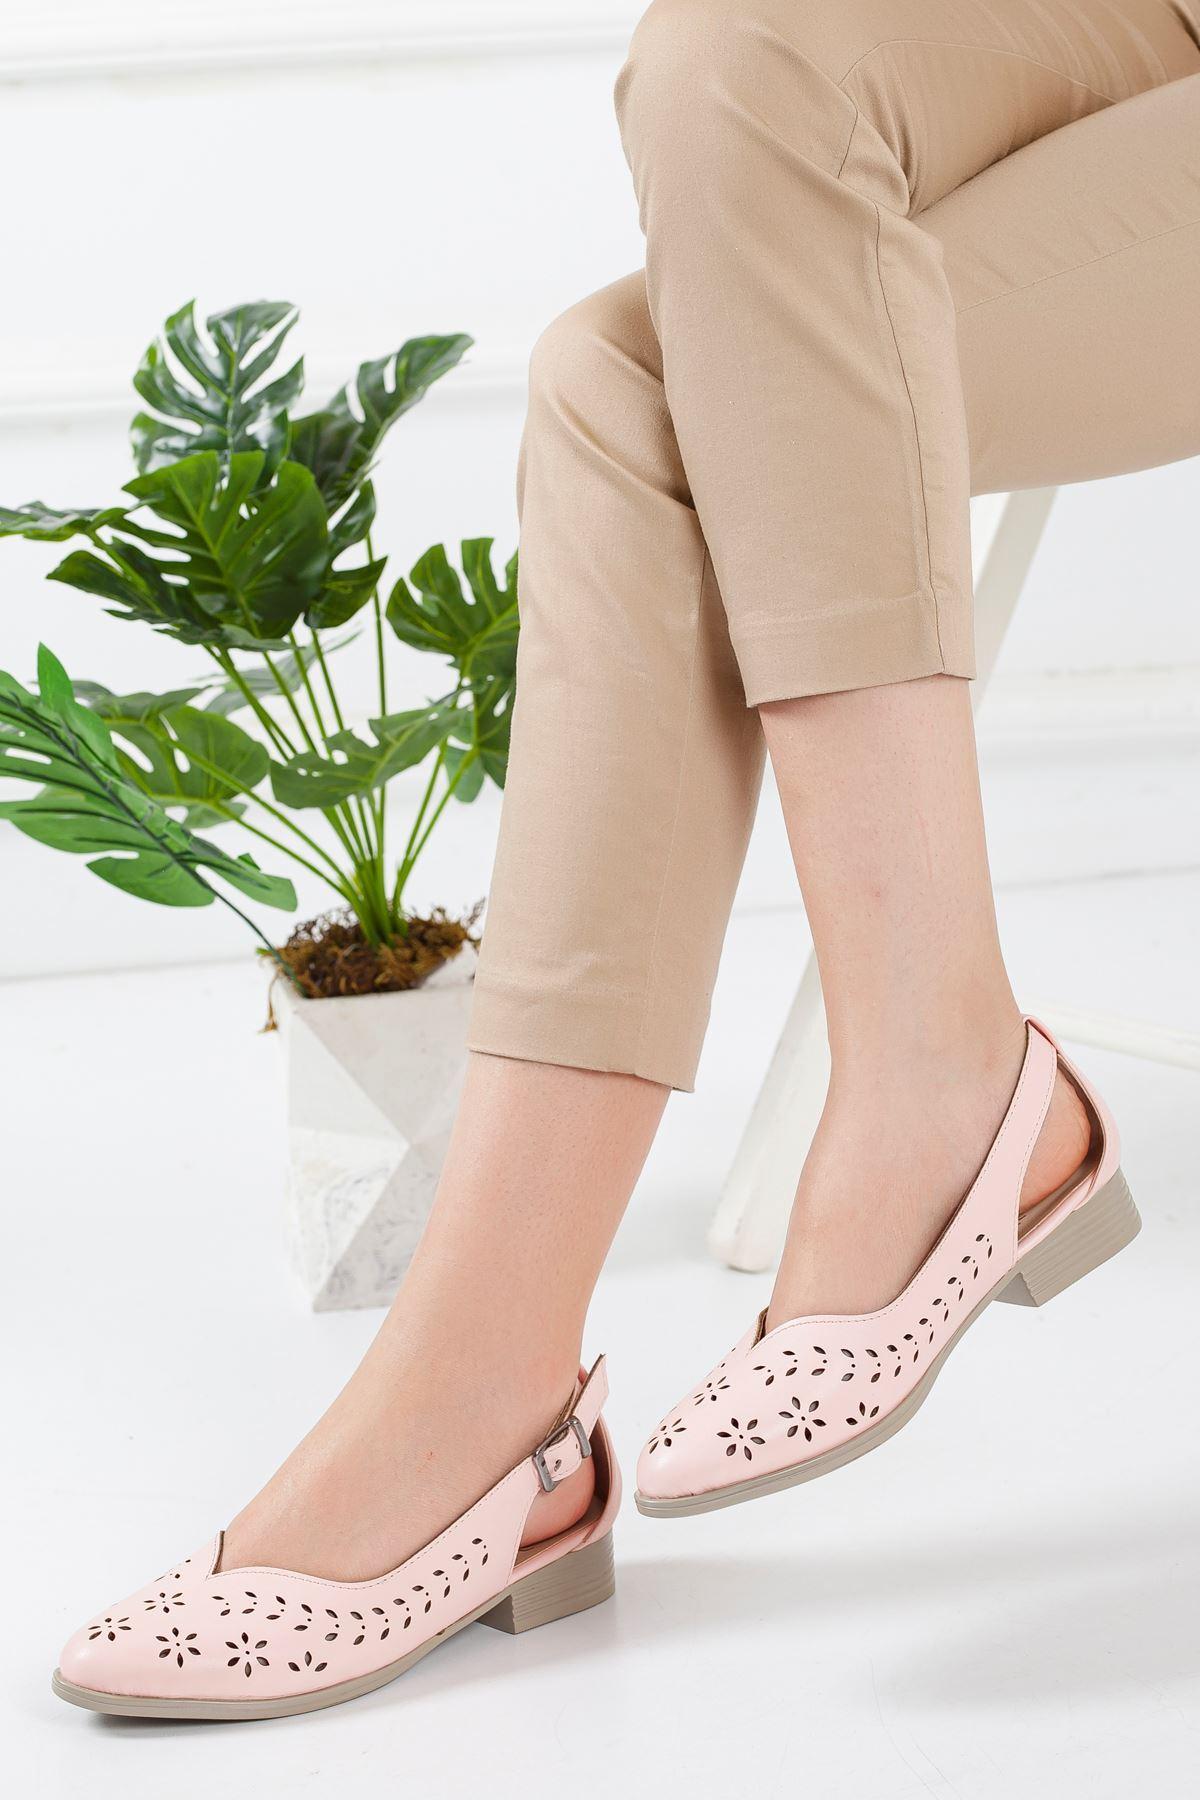 Milor Yazlık Kısa Topuk Babet Ayakkabı Pudra